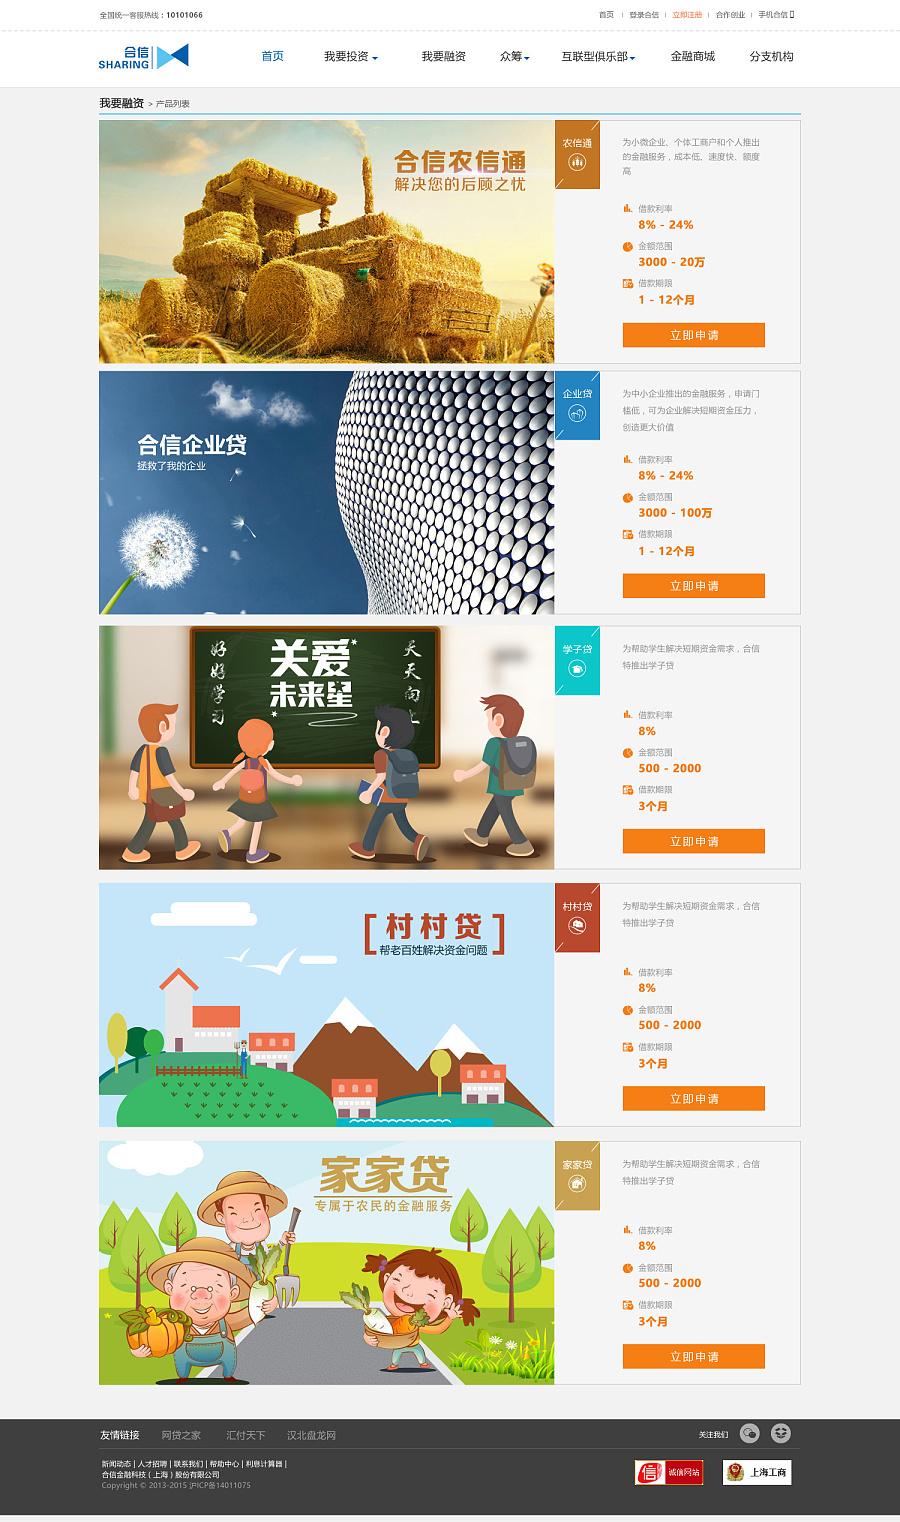 查看《互联网金融企业网站》原图,原图尺寸:1500x2537